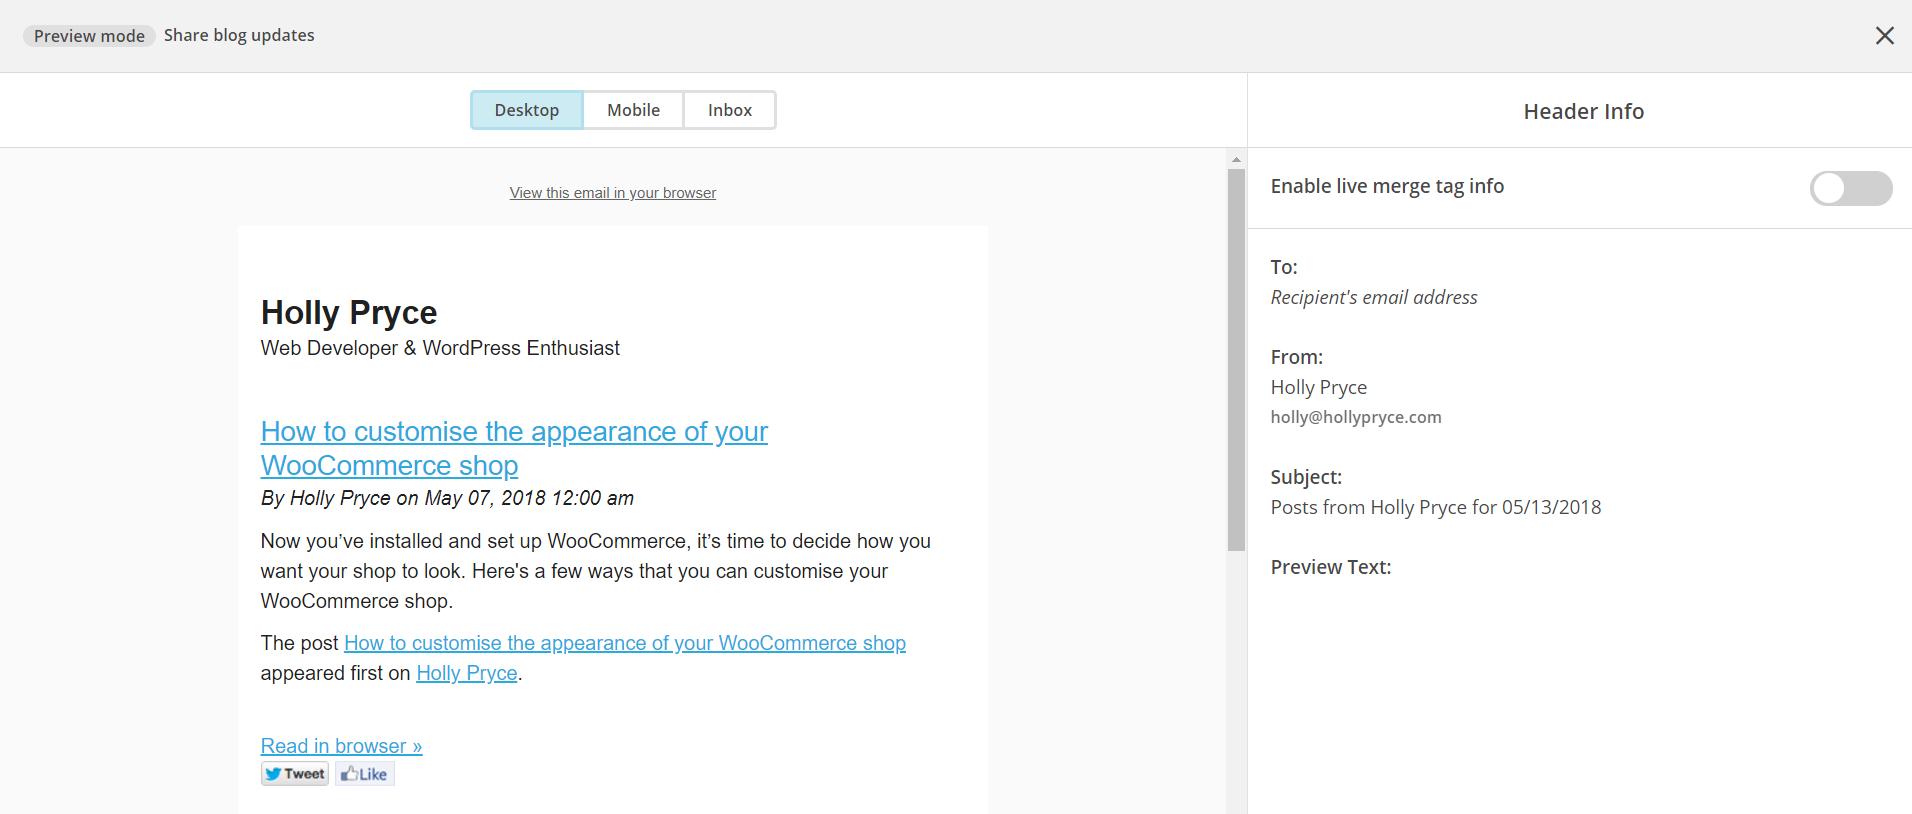 MailChimp preview email | HollyPryce.com